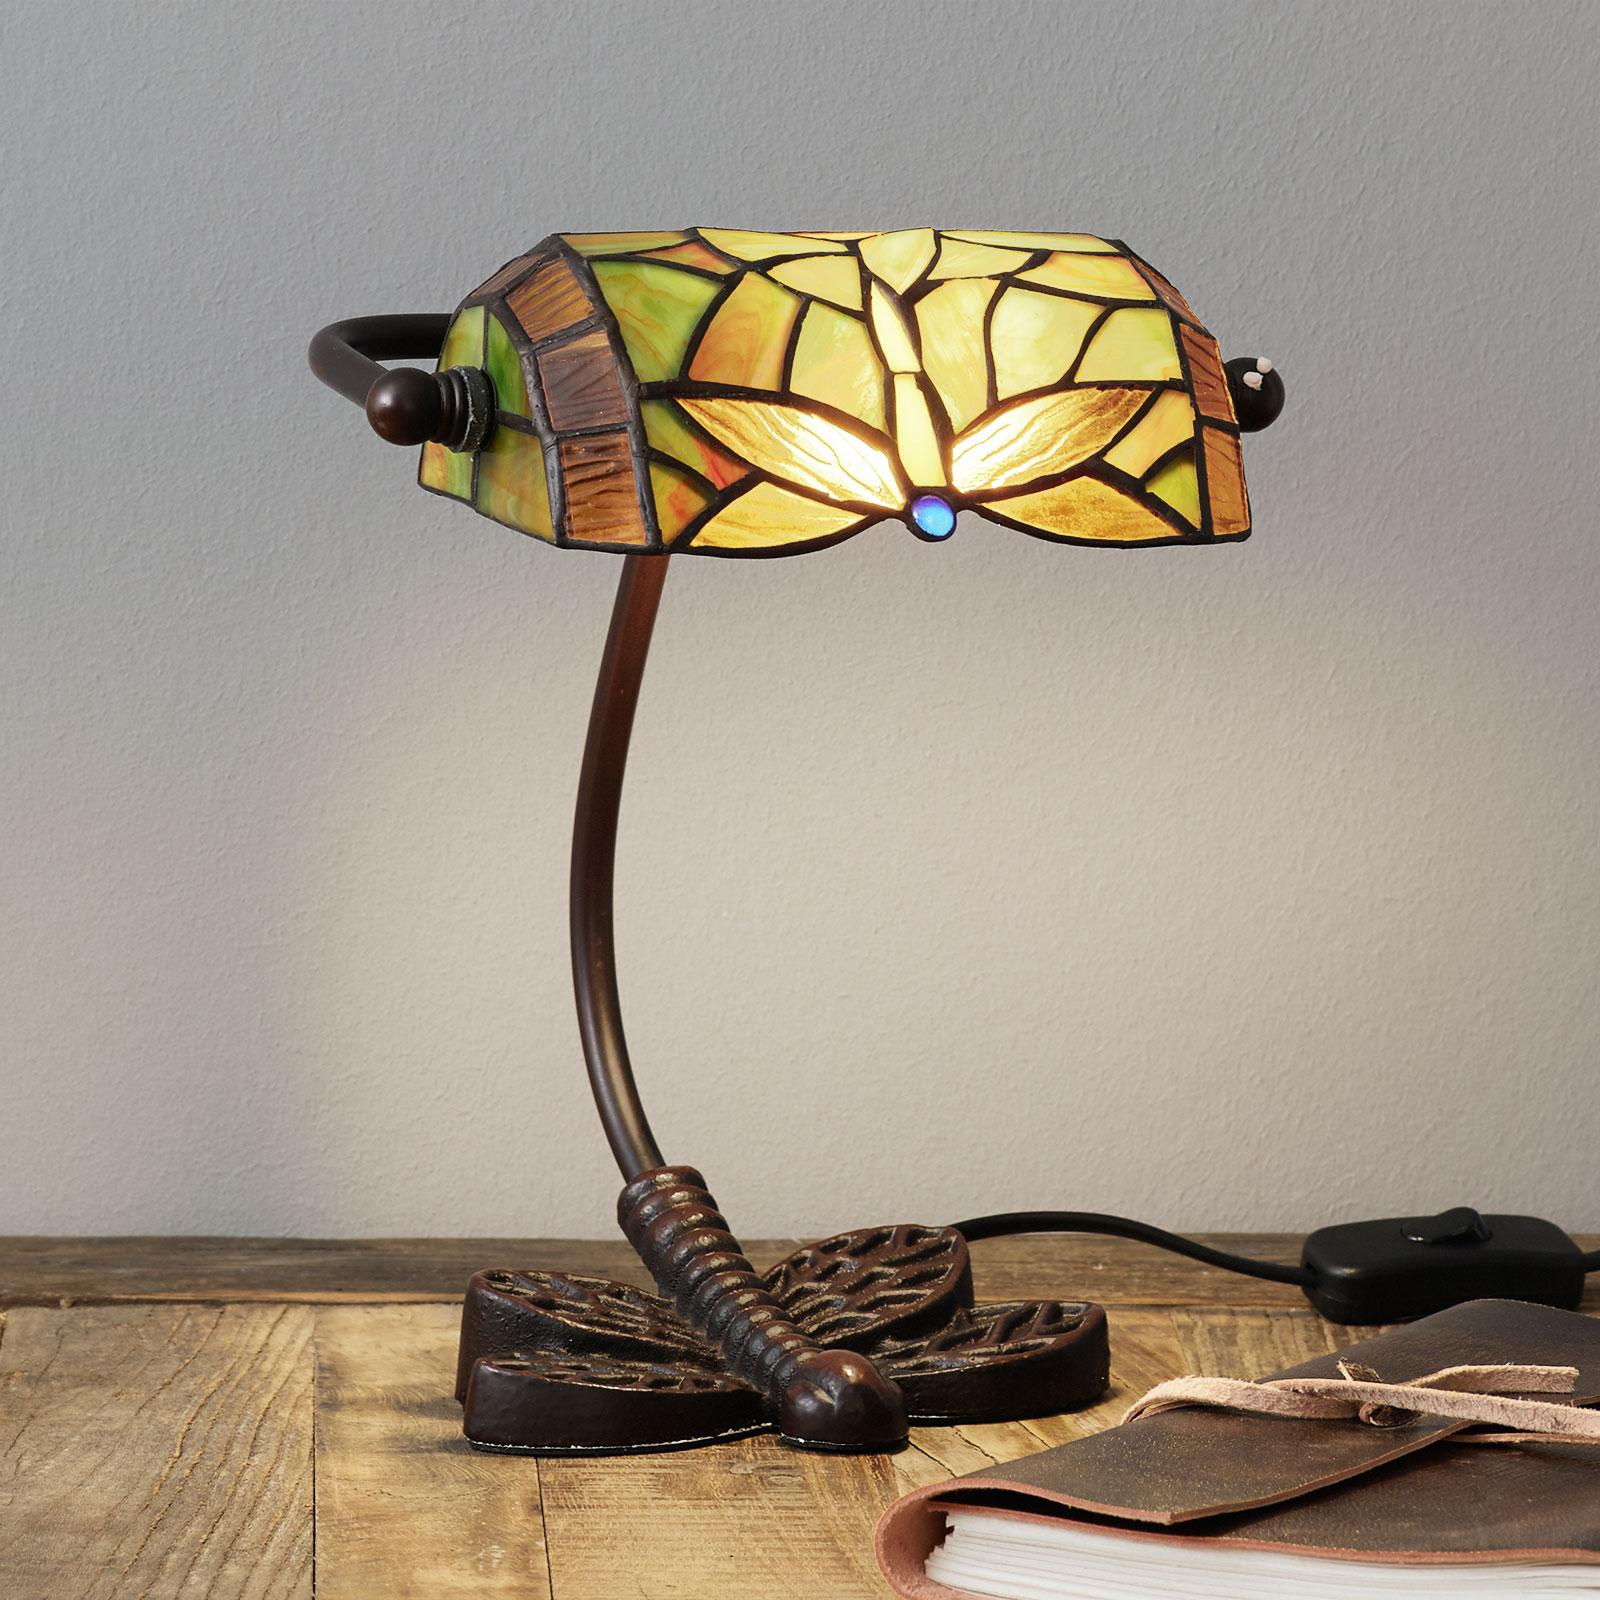 Úžasná stolná lampa DRAGONFLY, ručne vyrobená_1032063_1